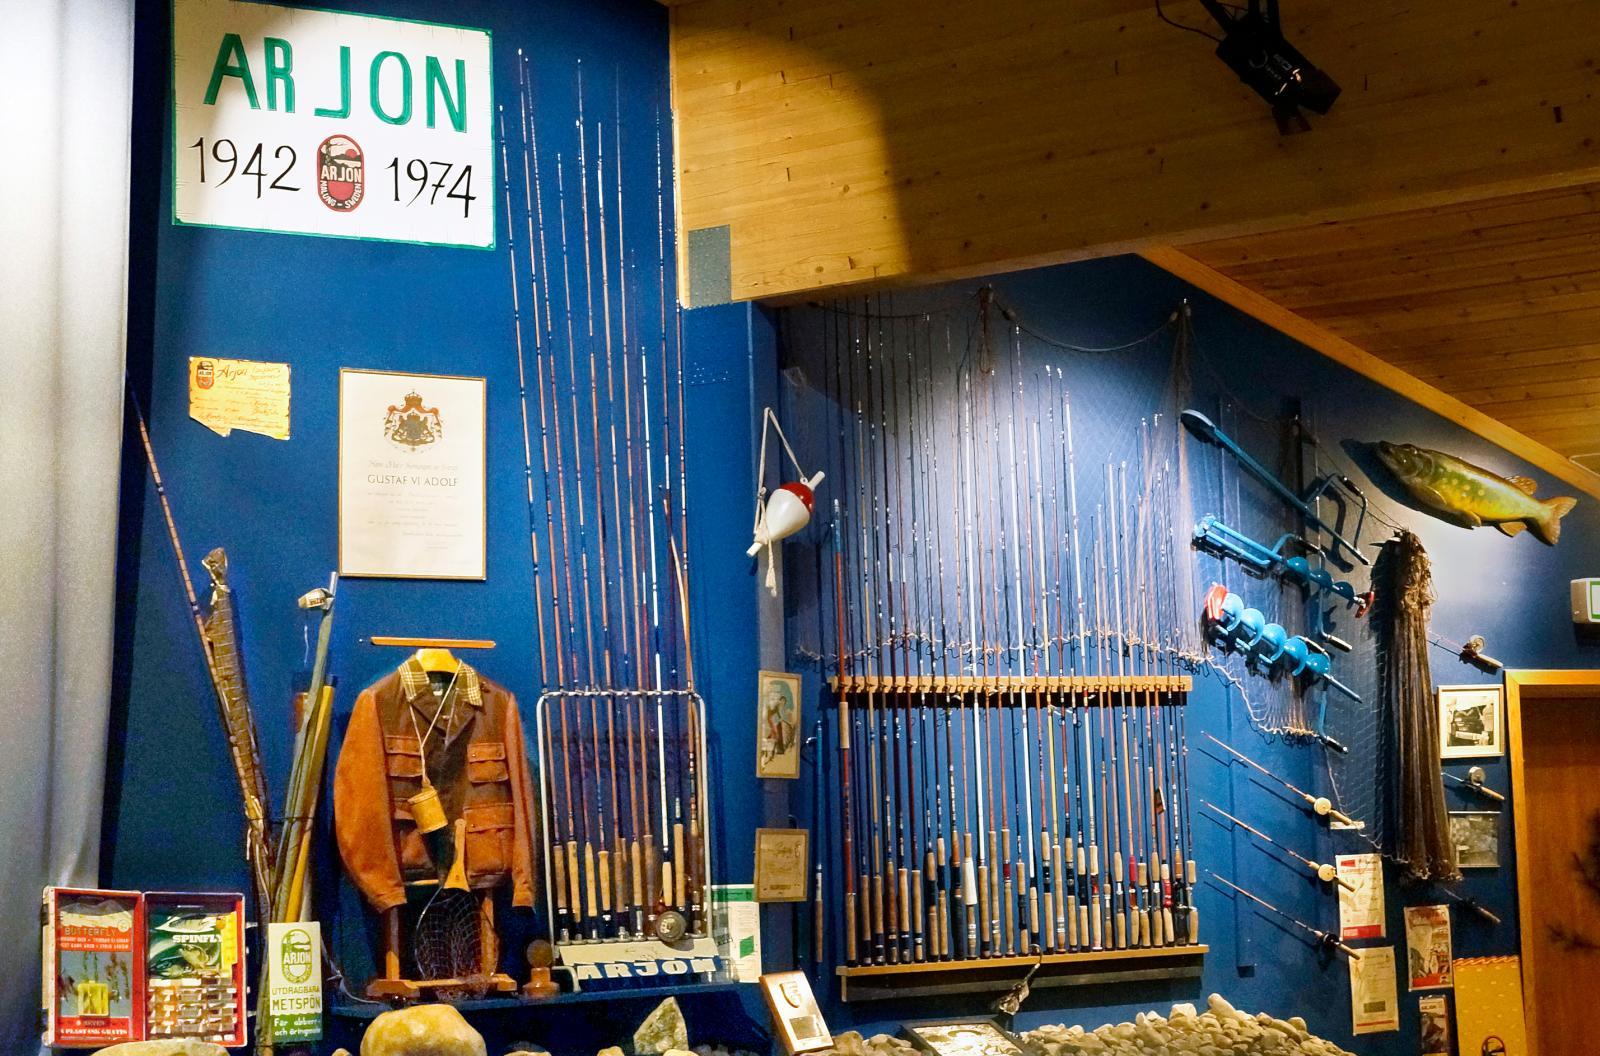 I anslutning till sportfiskebutiken finns en utställning om det gamla fiskeredskapsföretaget Arjon.